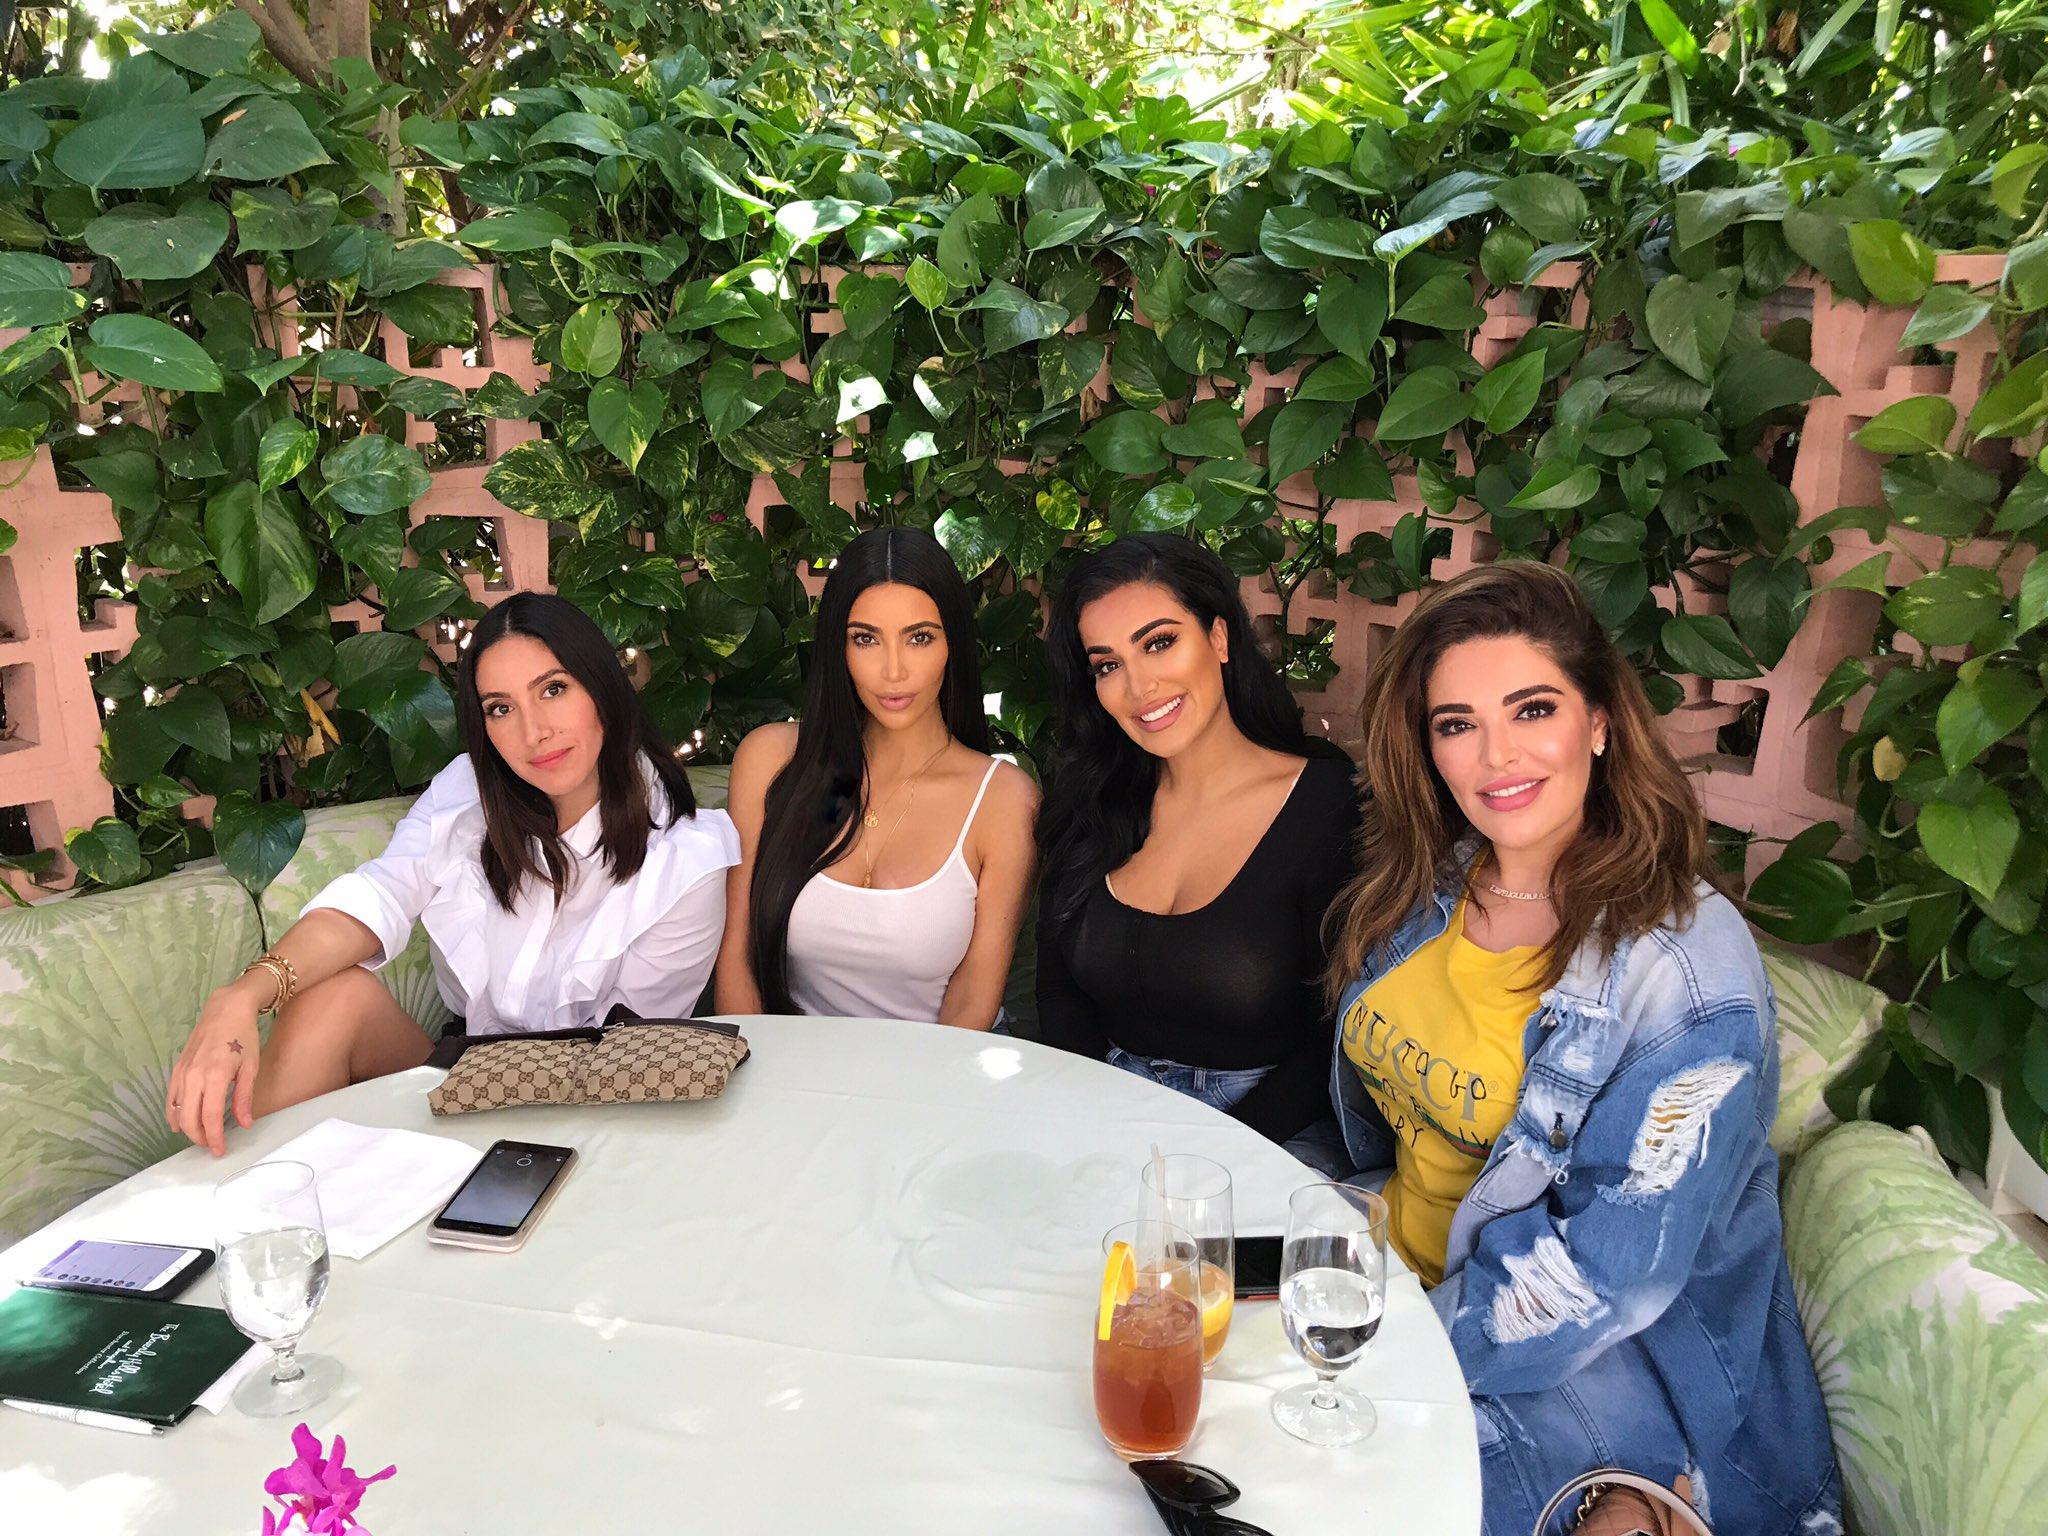 Beauty Brunch in Beverly Hills @jenatkinhair @hudabeauty @MonaKattan  ❤️�� https://t.co/omdHBB5yzh